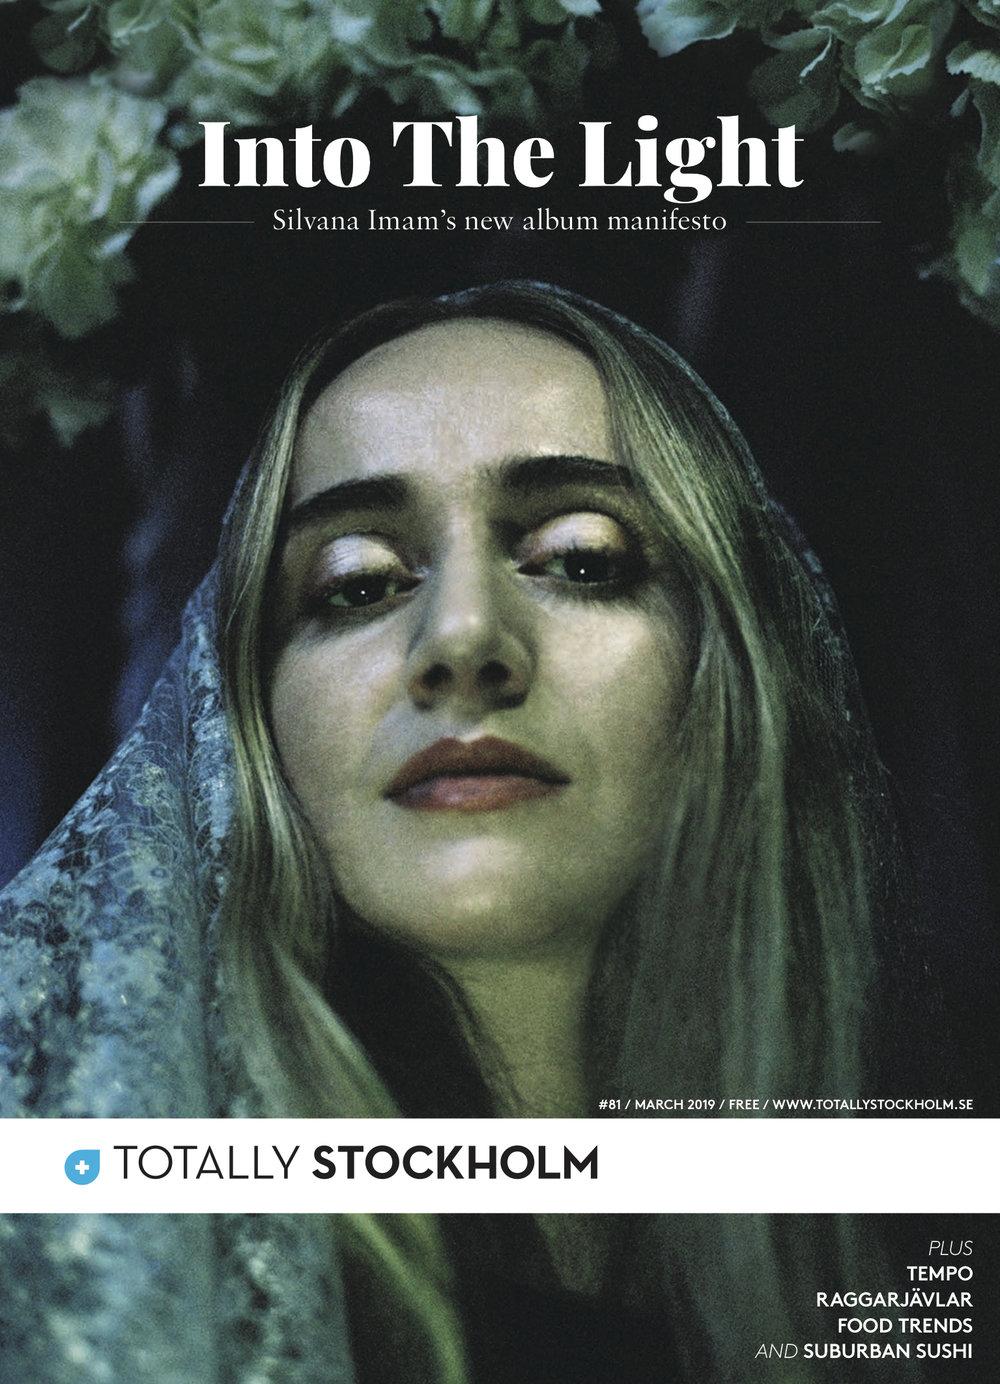 Silvana Totally Sthlm Cover.jpg